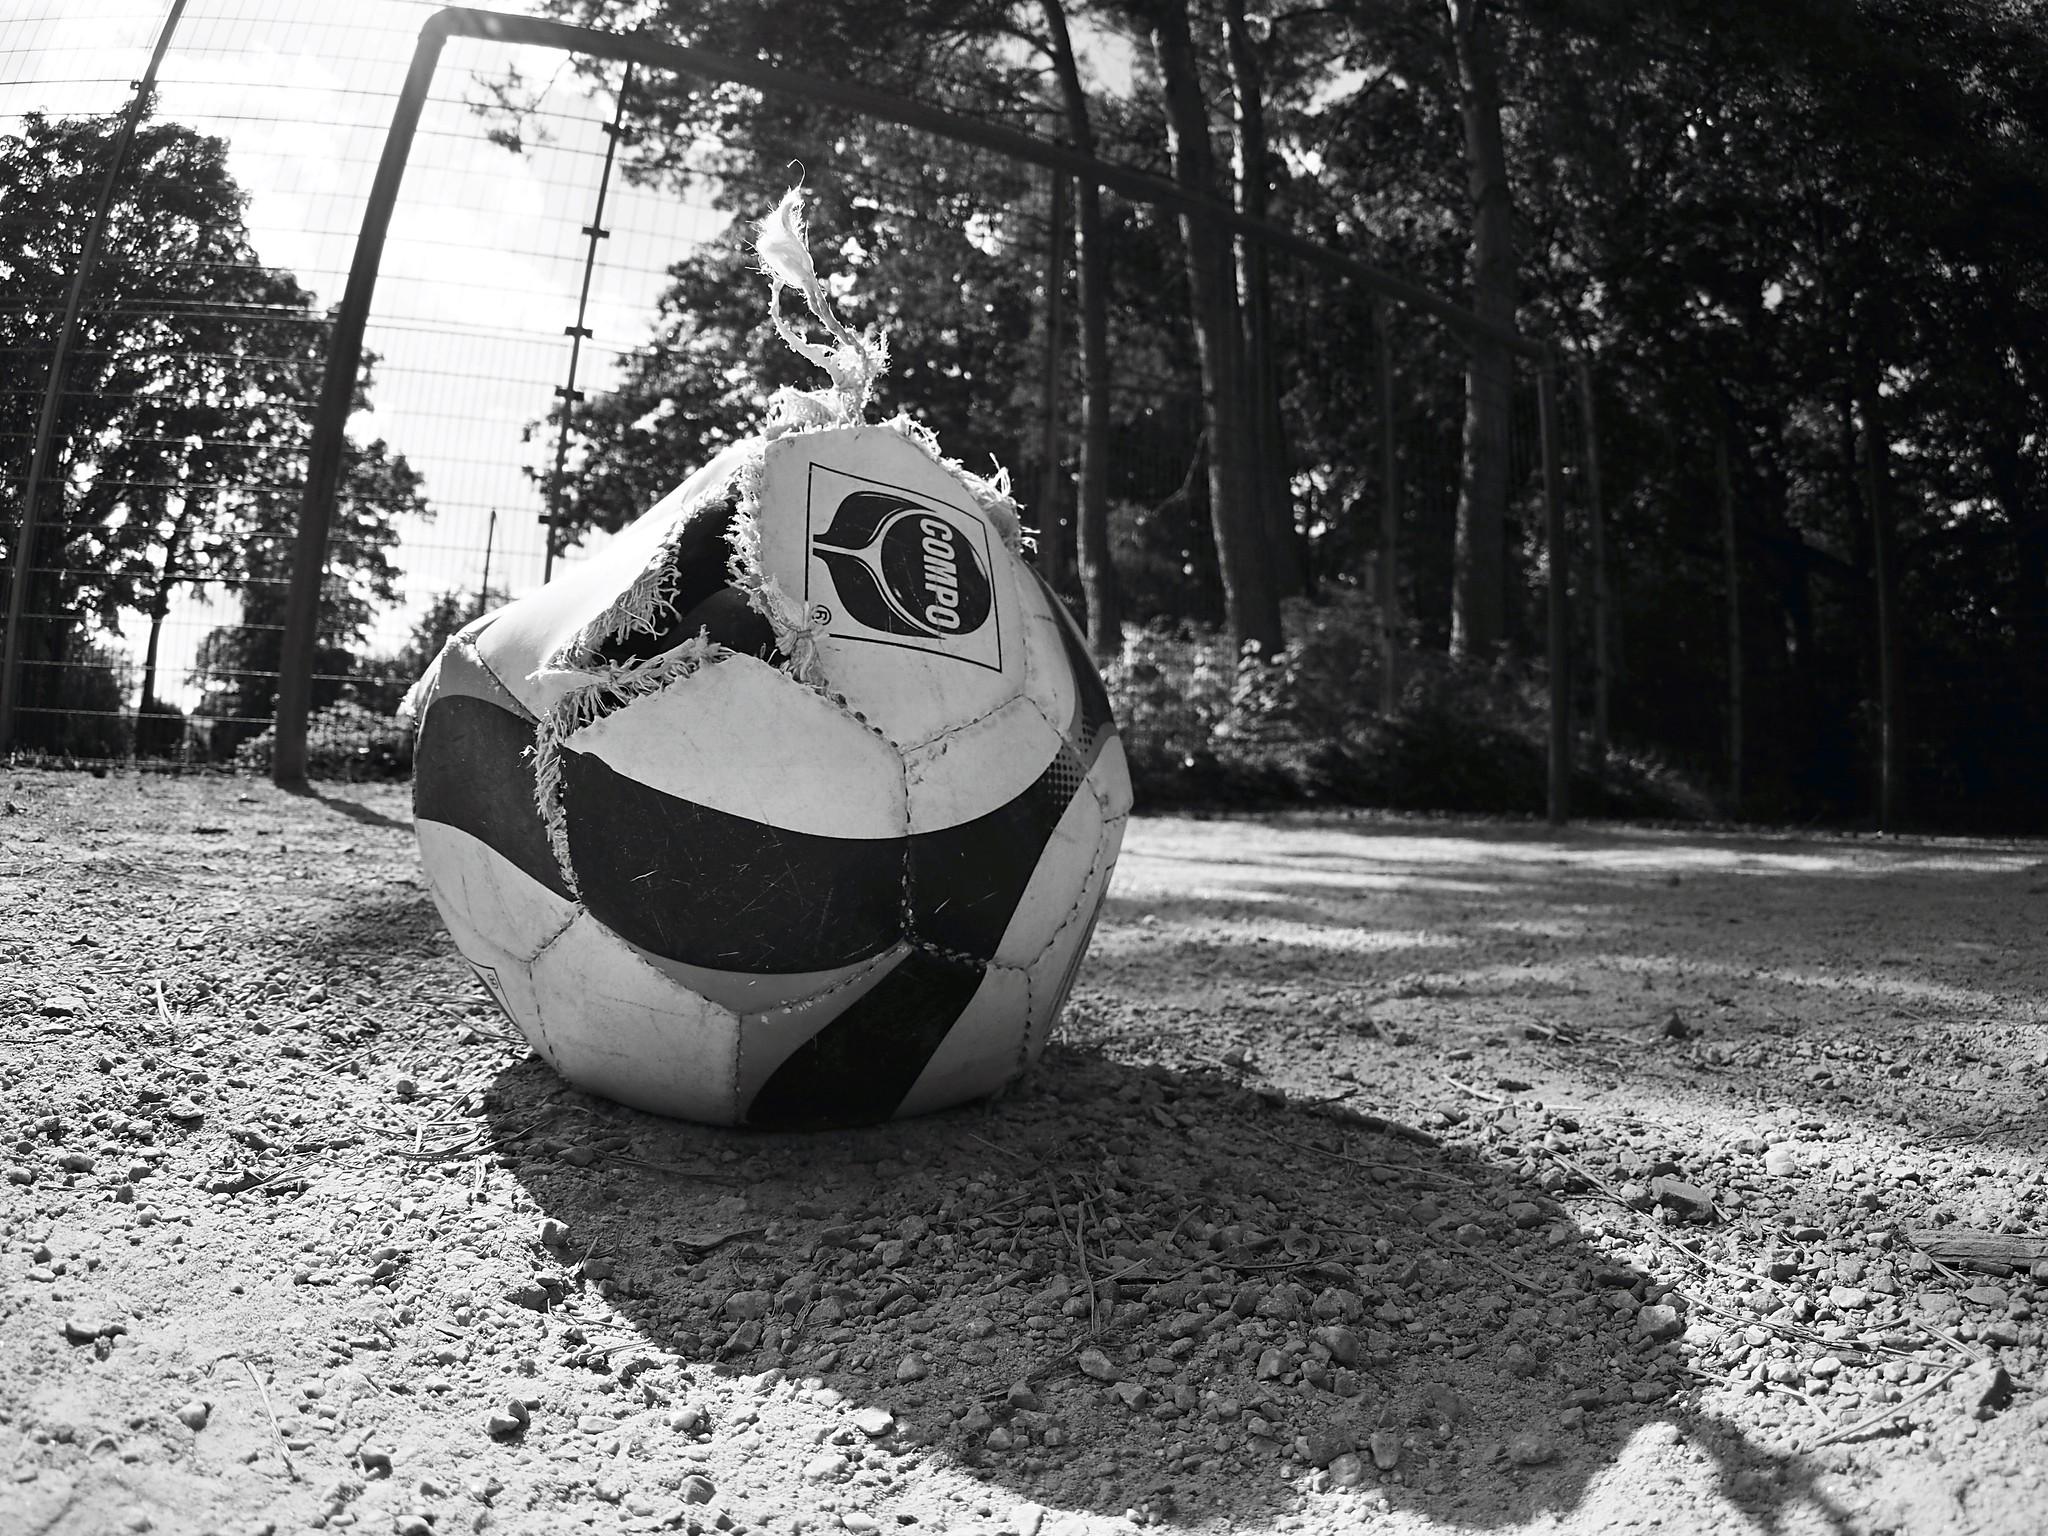 Der Ball ist platt. Aus und vorbei!